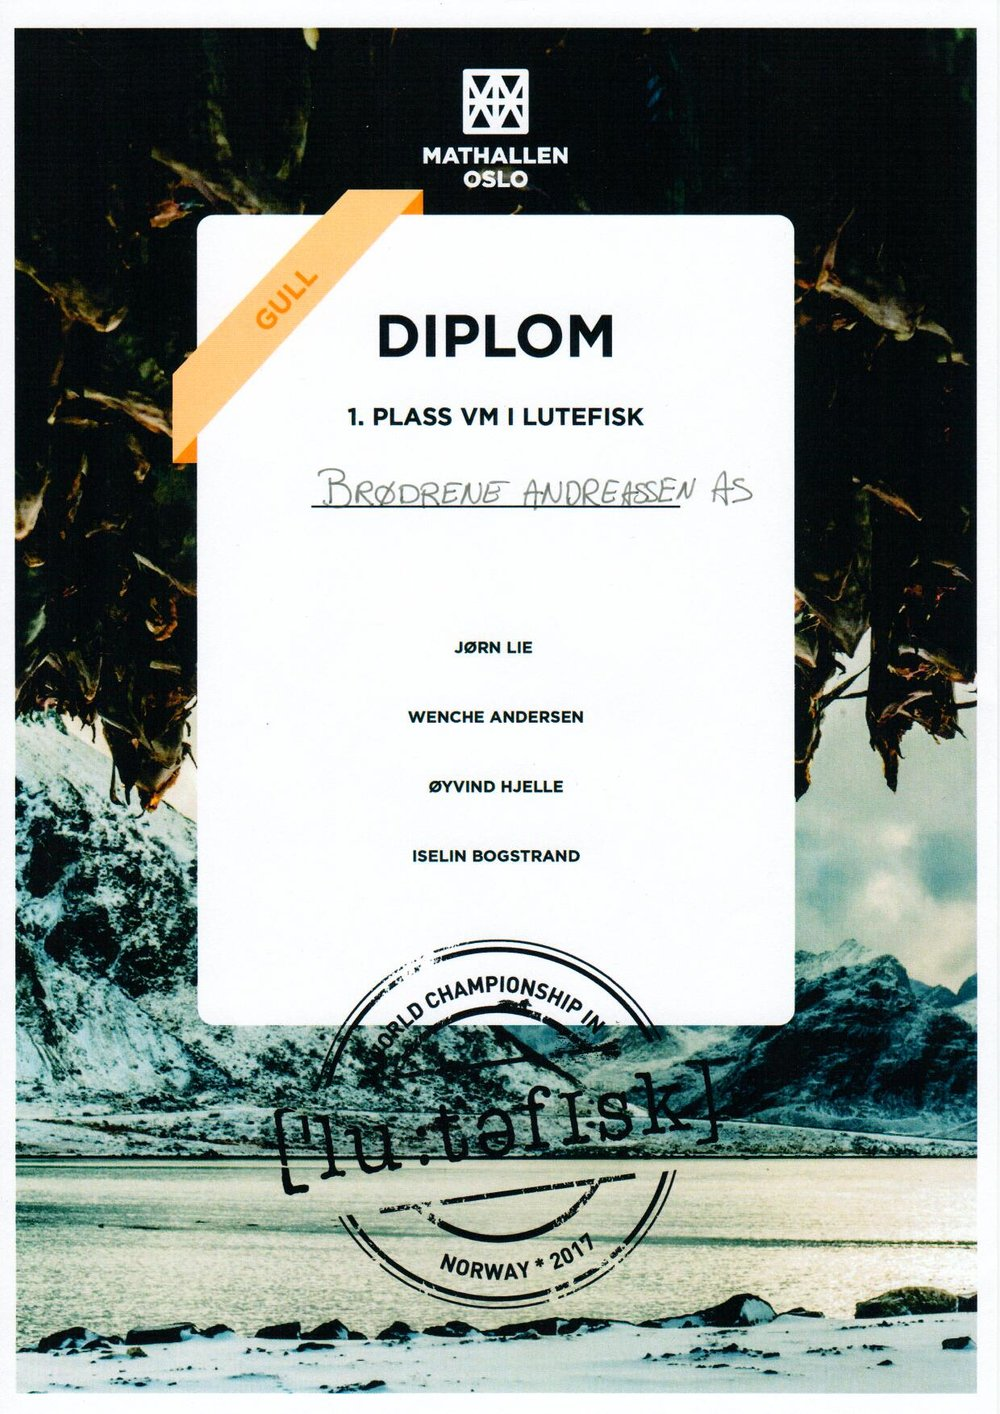 VM i Lutefisk 2017 - Diplom 1. Plass - Brødr. Andreassen Værøy AS.jpg